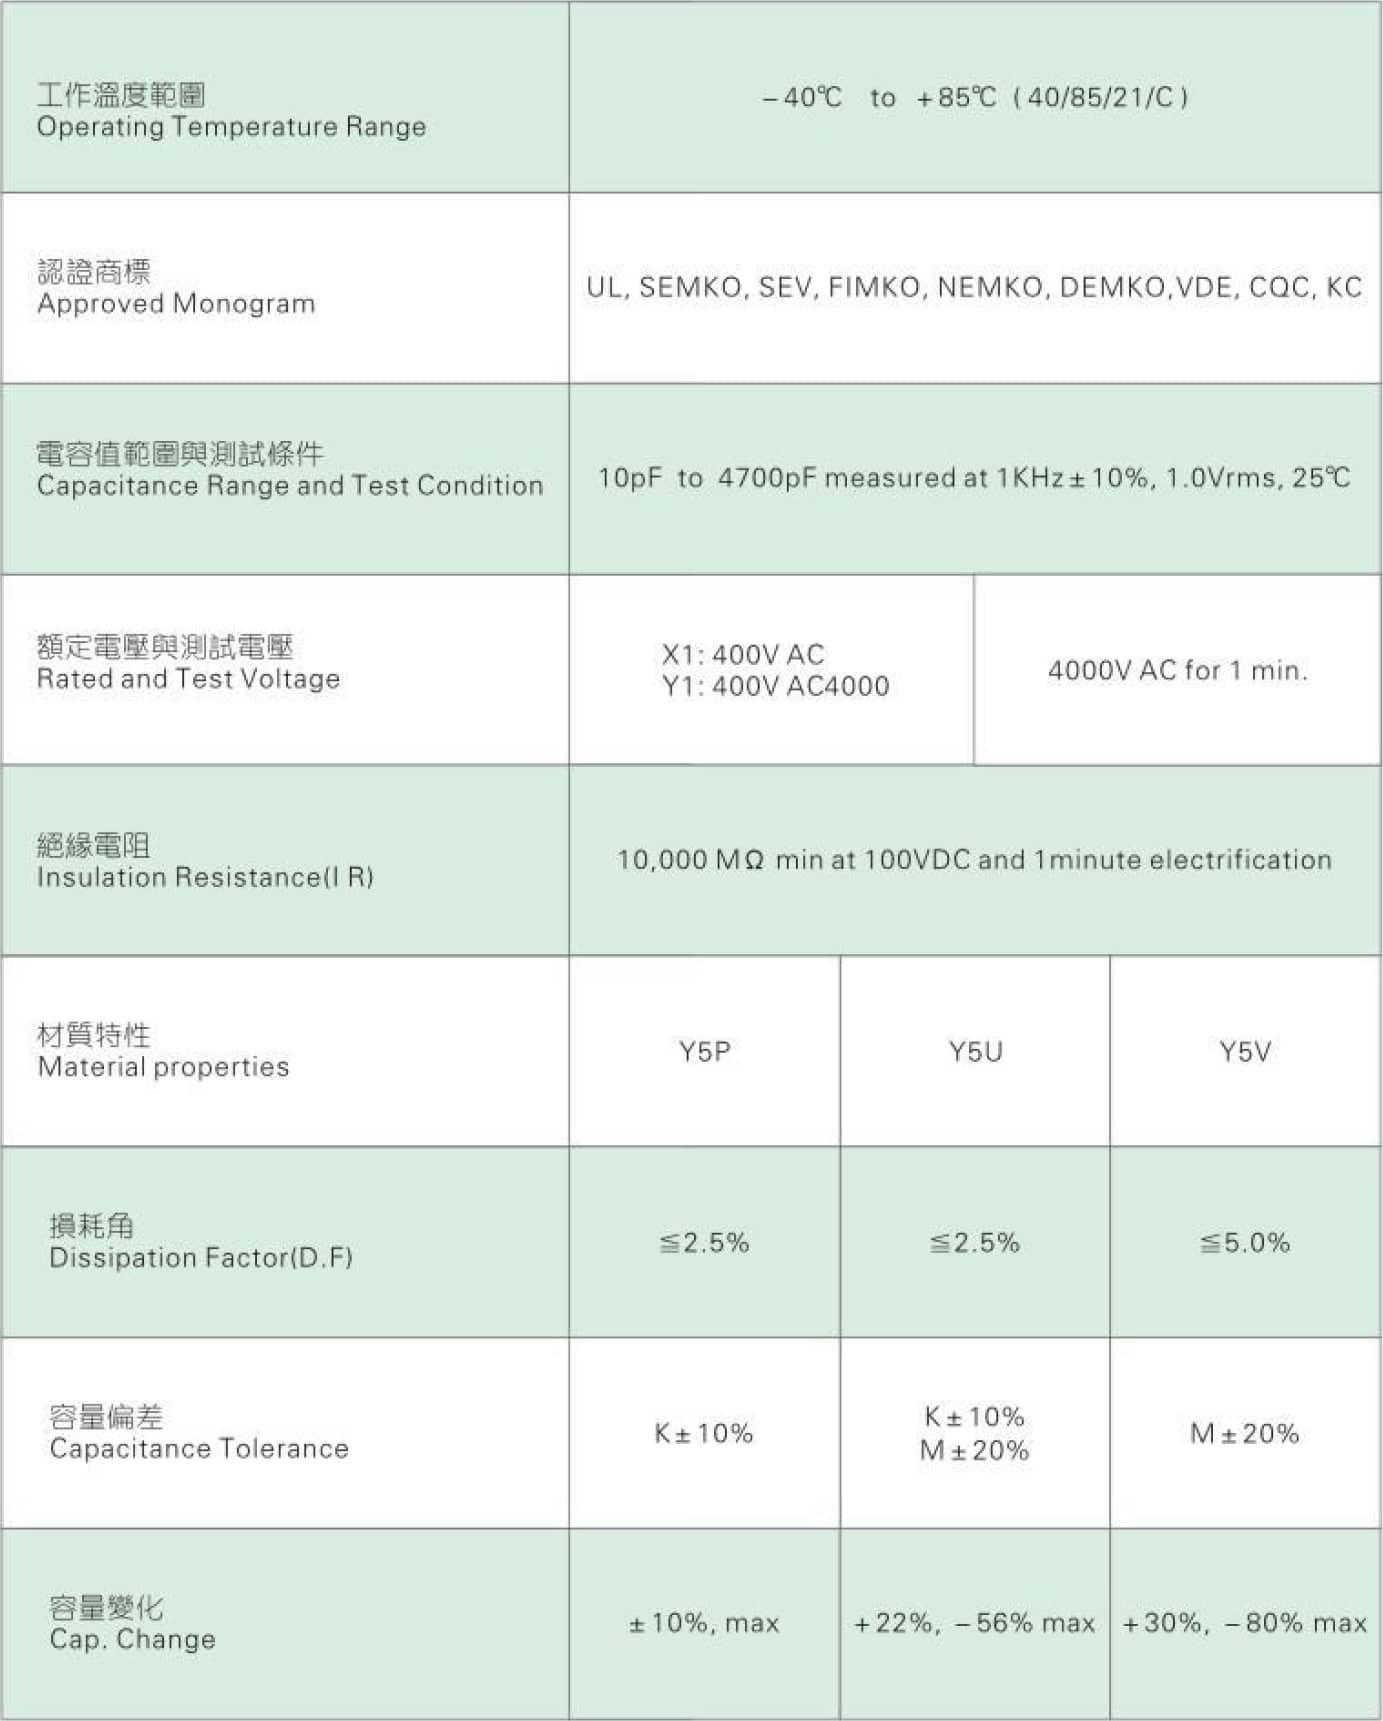 Jackcon Y1 (400VAC) Specifications